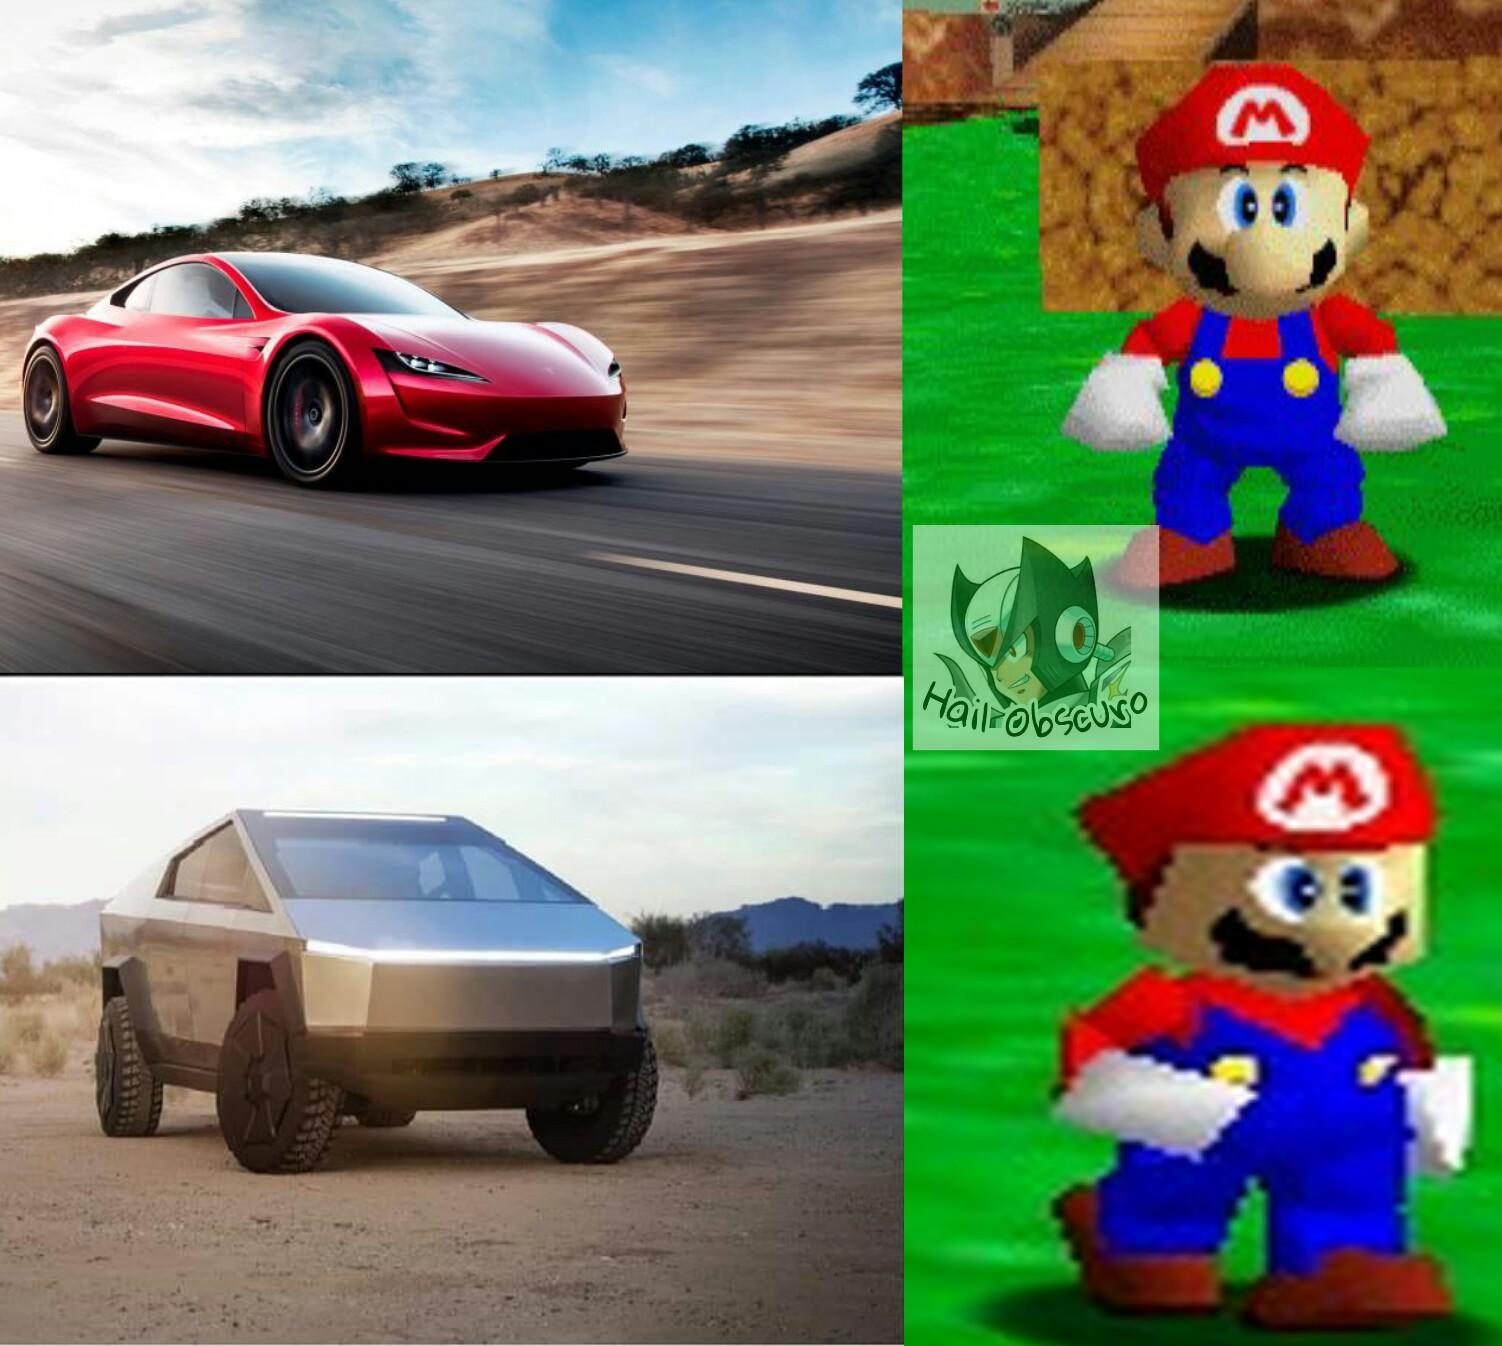 Mario de pocos poligonos - meme